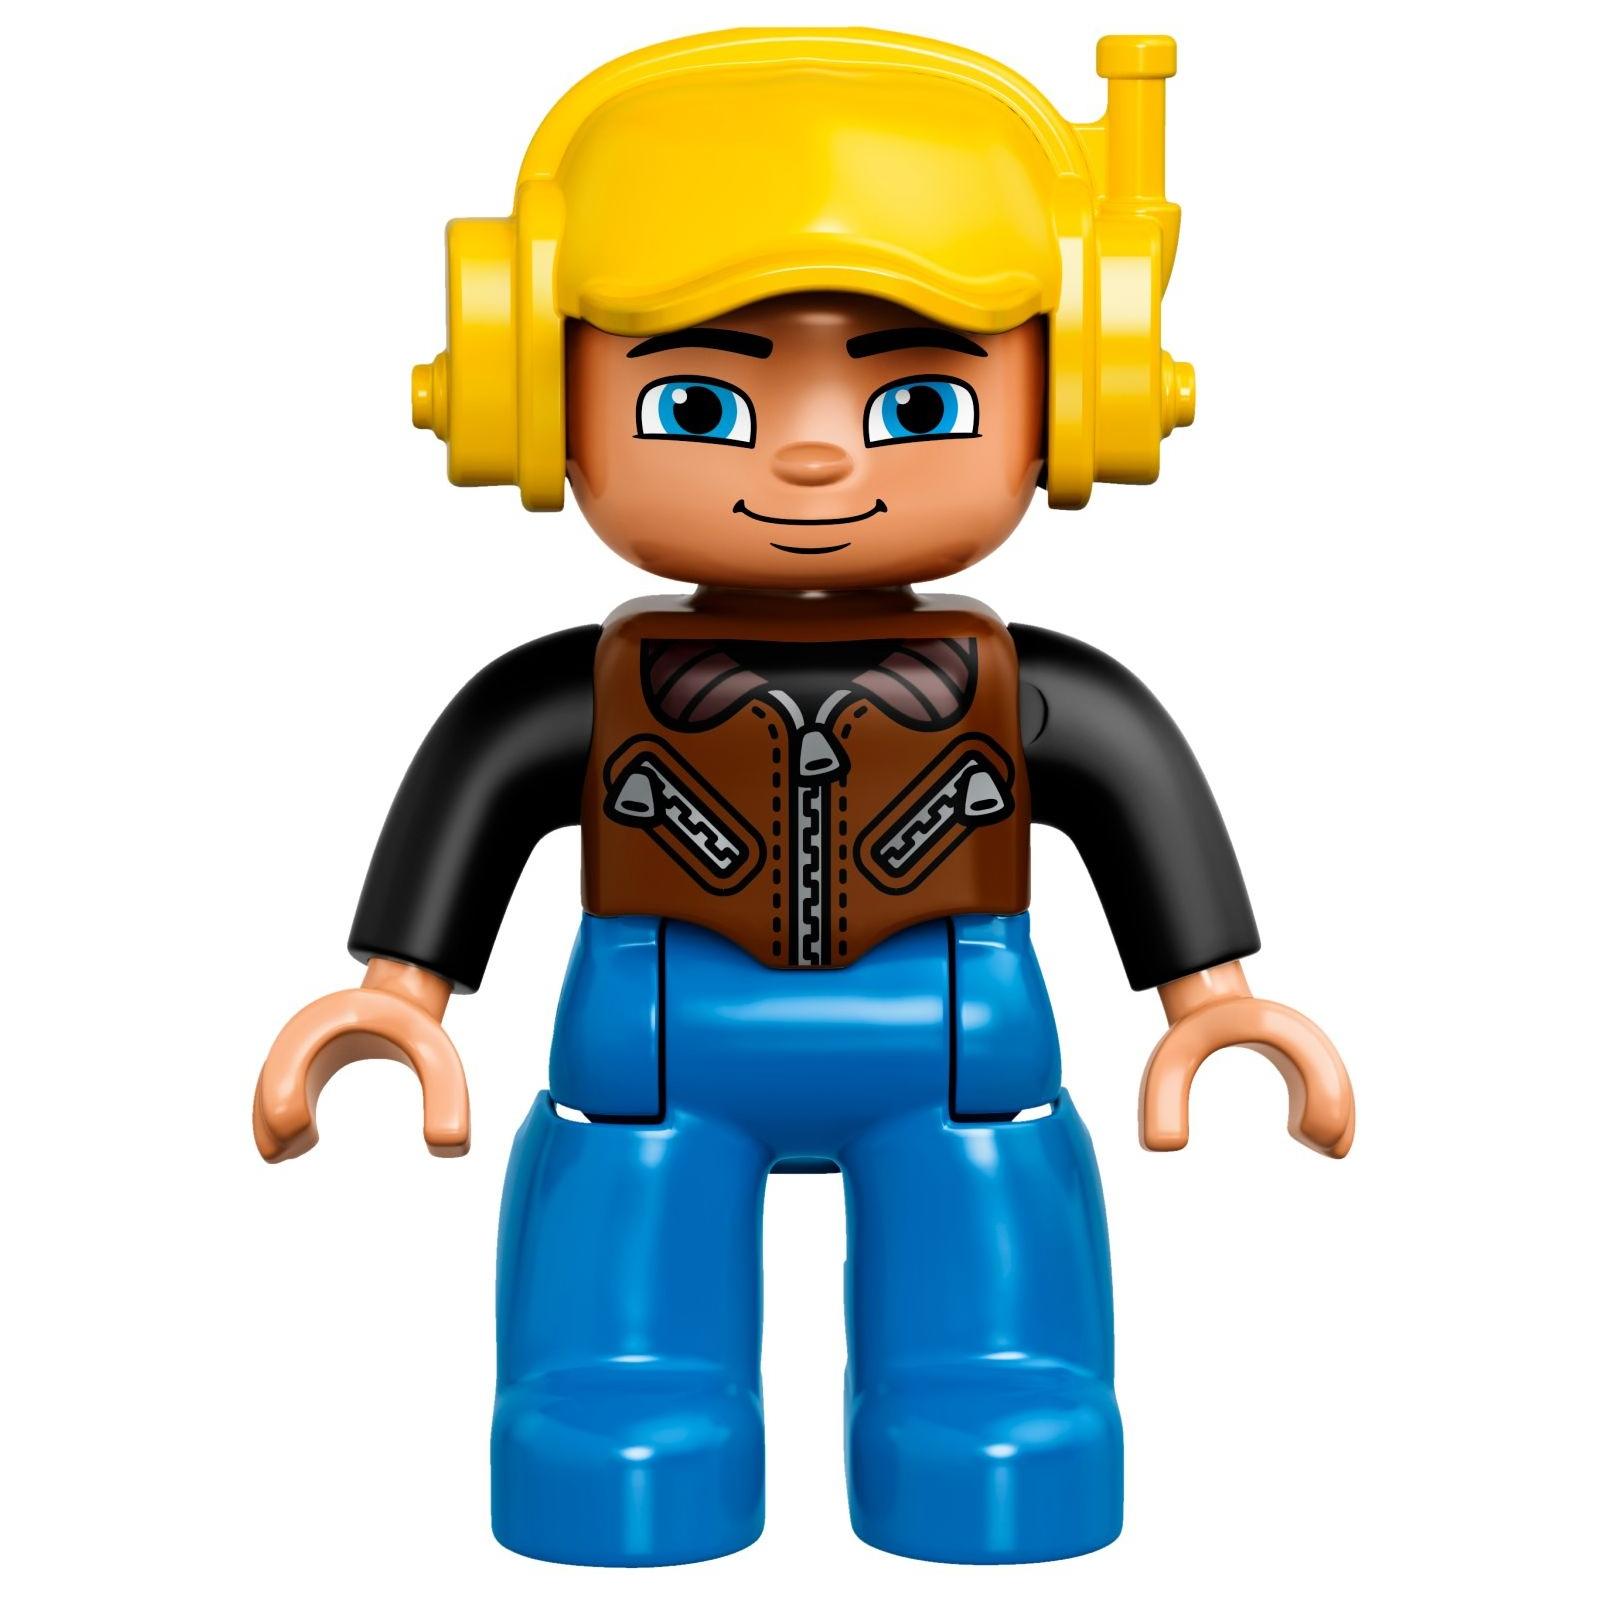 Конструктор LEGO Duplo Town Маленький самолёт (10808) изображение 8